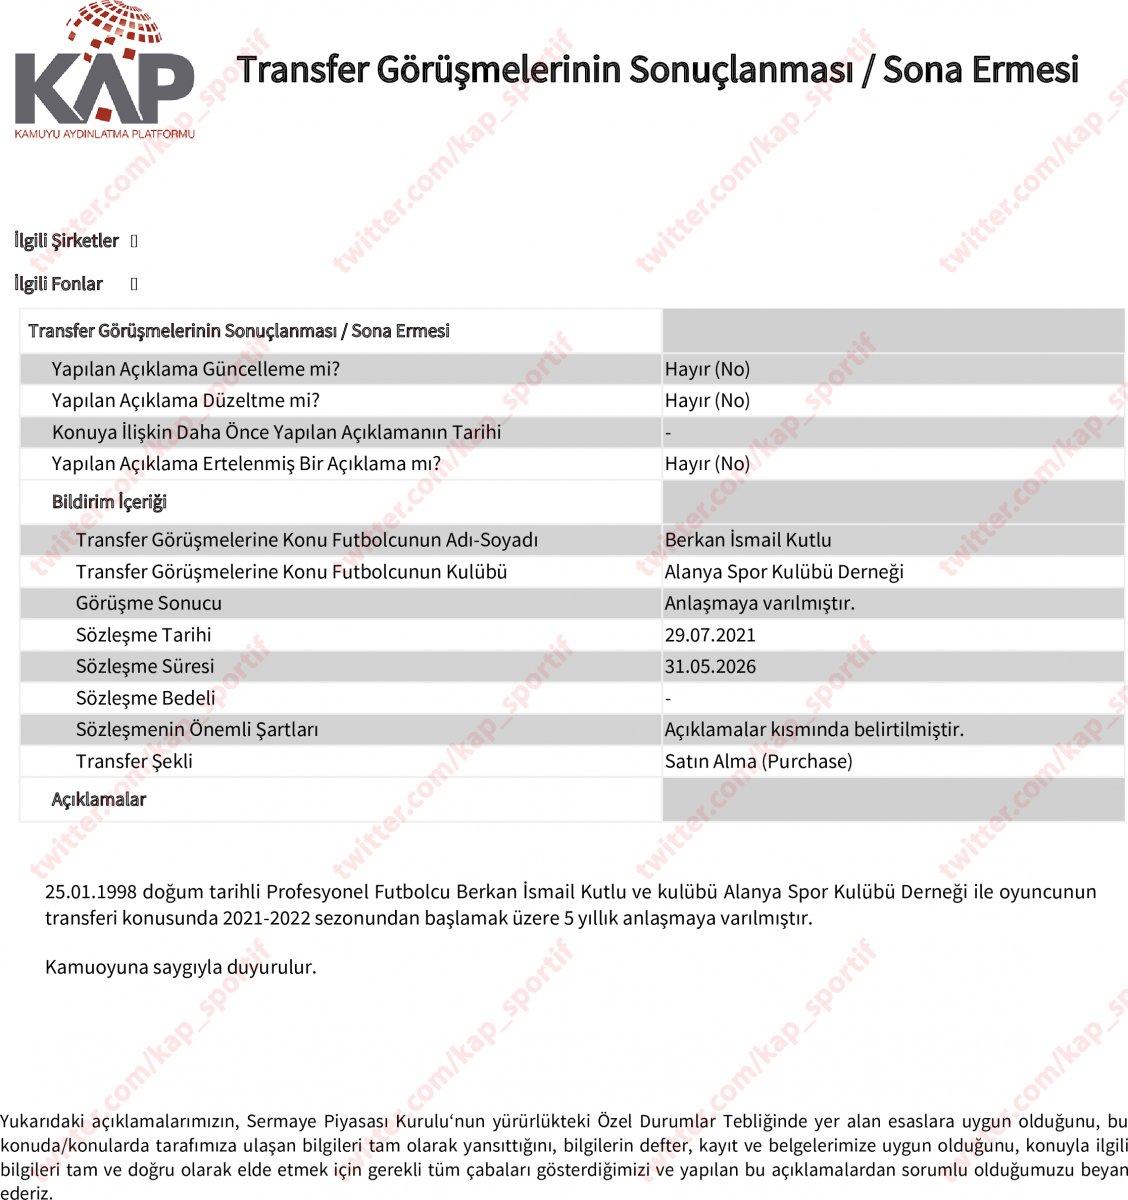 Galatasaray Berkan İsmail Kutlu yu borsaya bildirdi #4